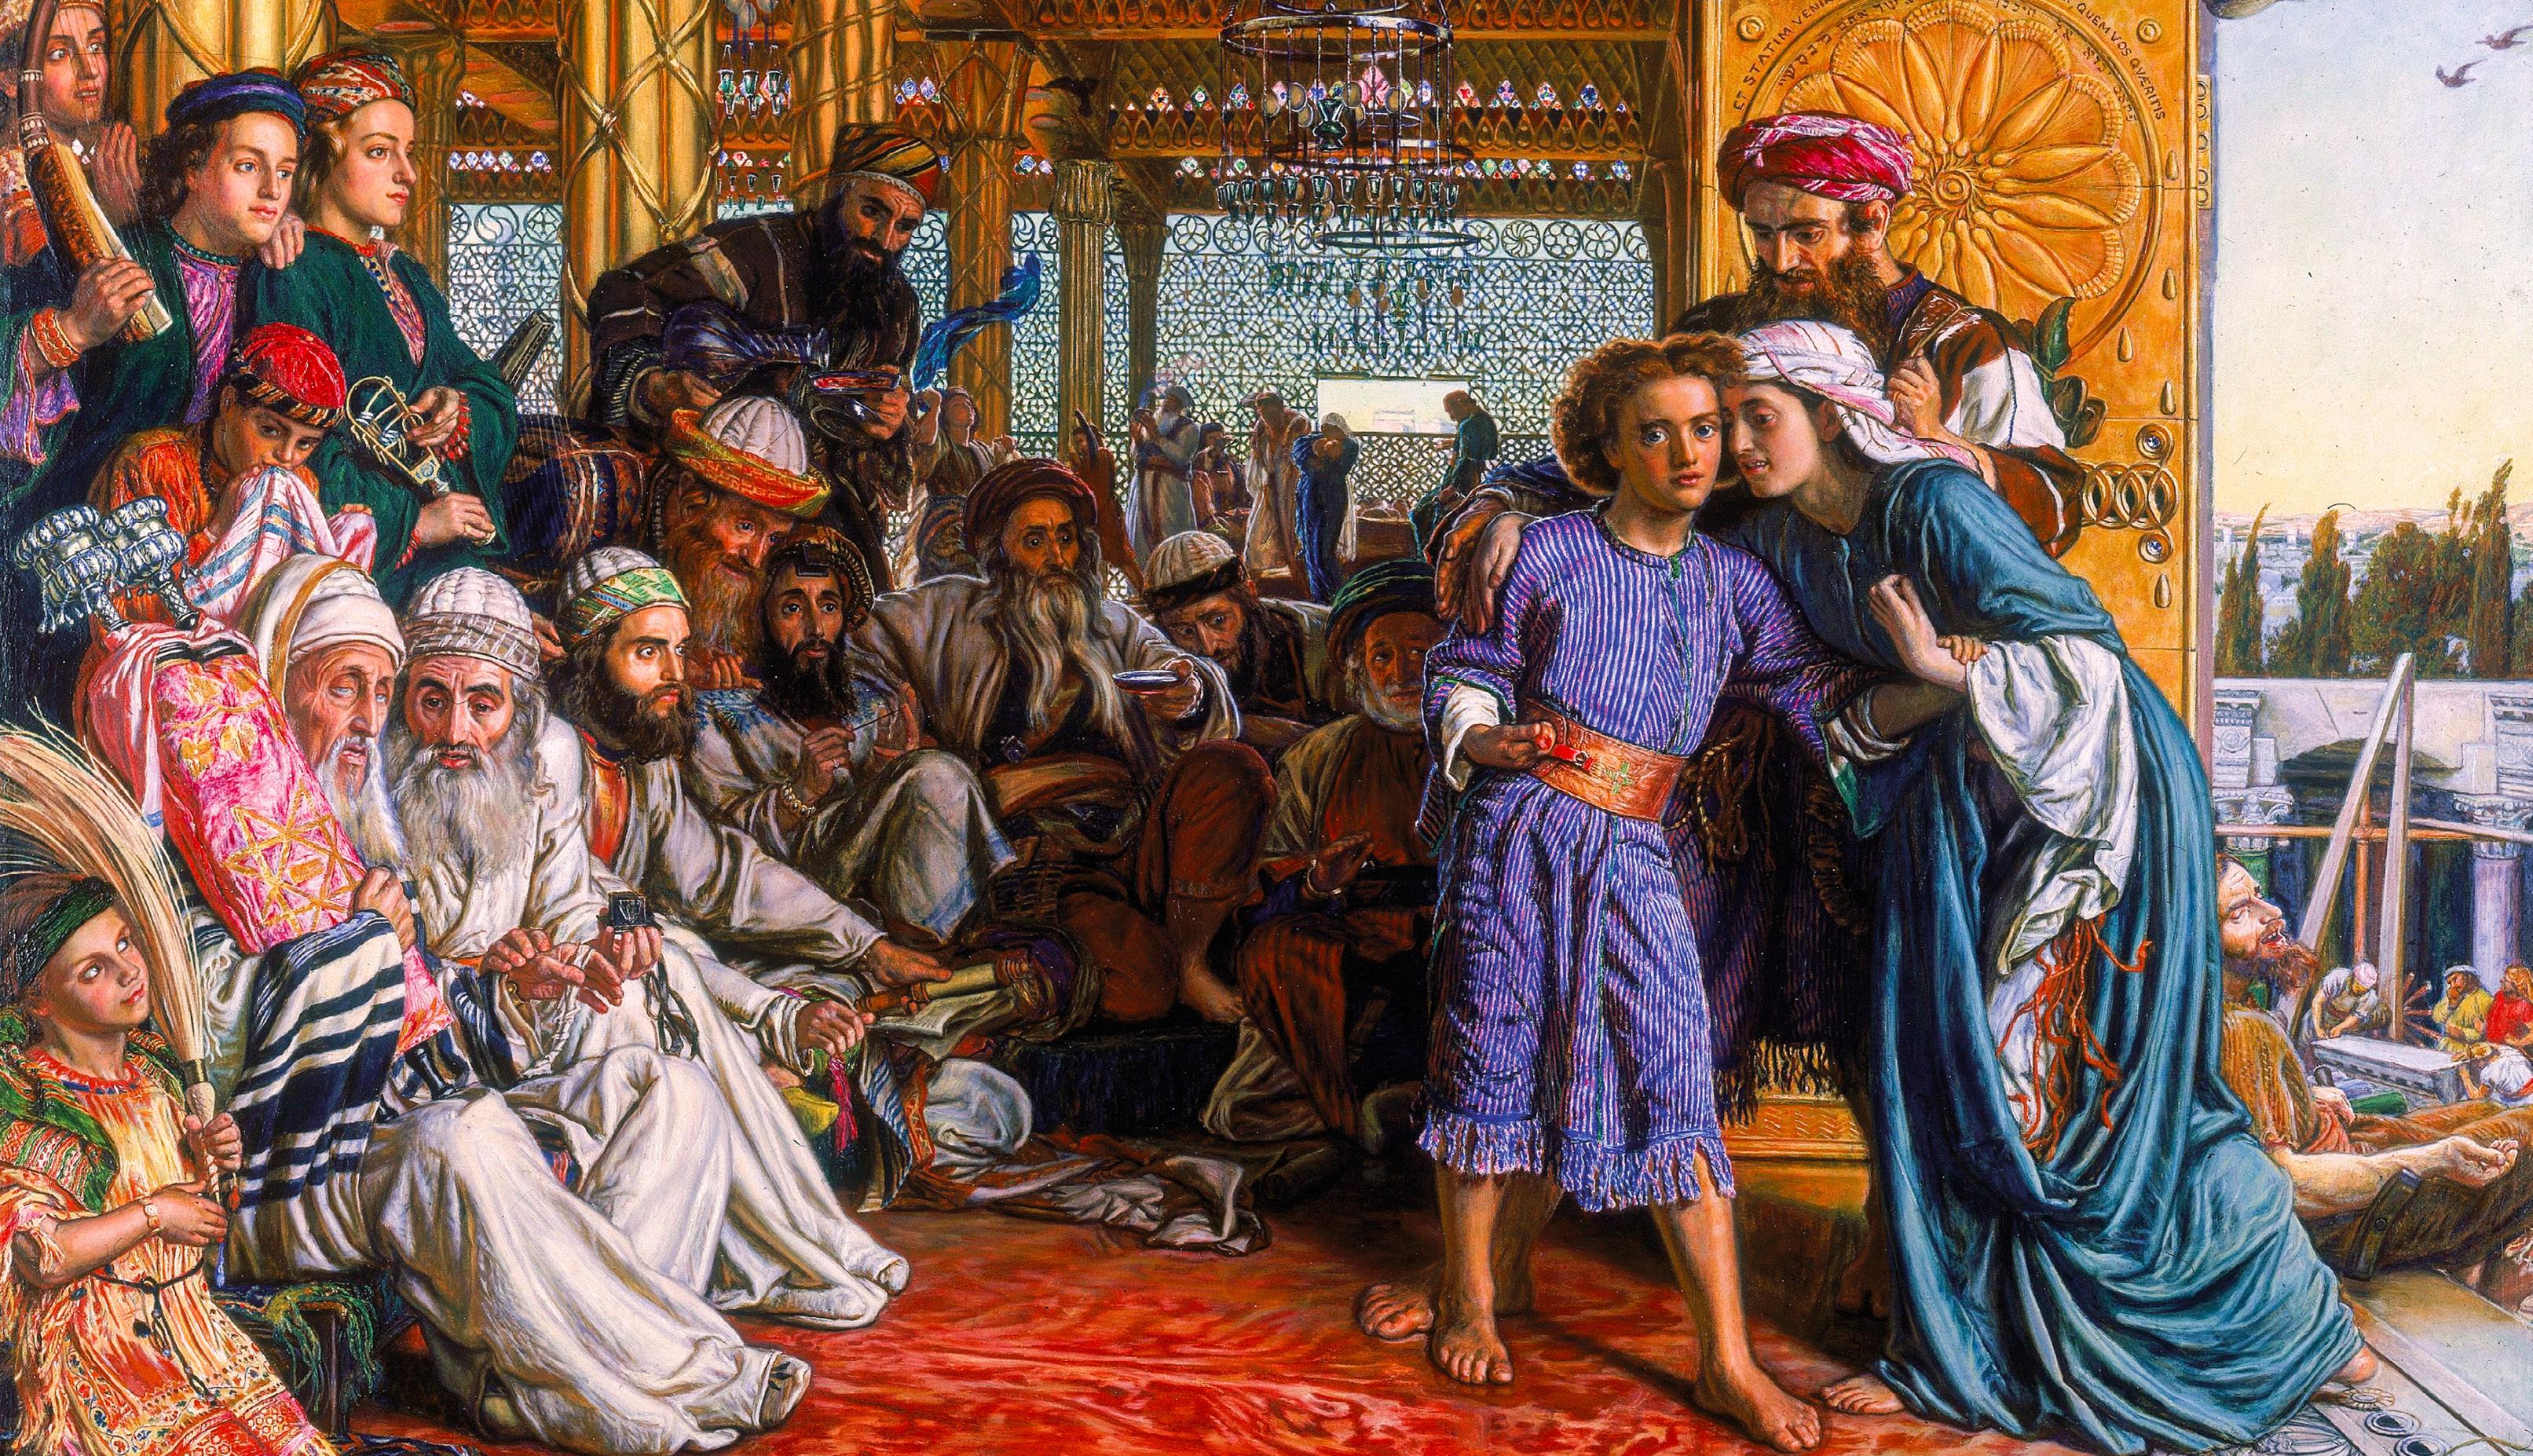 O encontro do Menino Jesus no Templo. Óleo sobre tela de William Holman Hunt, 1860, https://commons.wikimedia.org/.